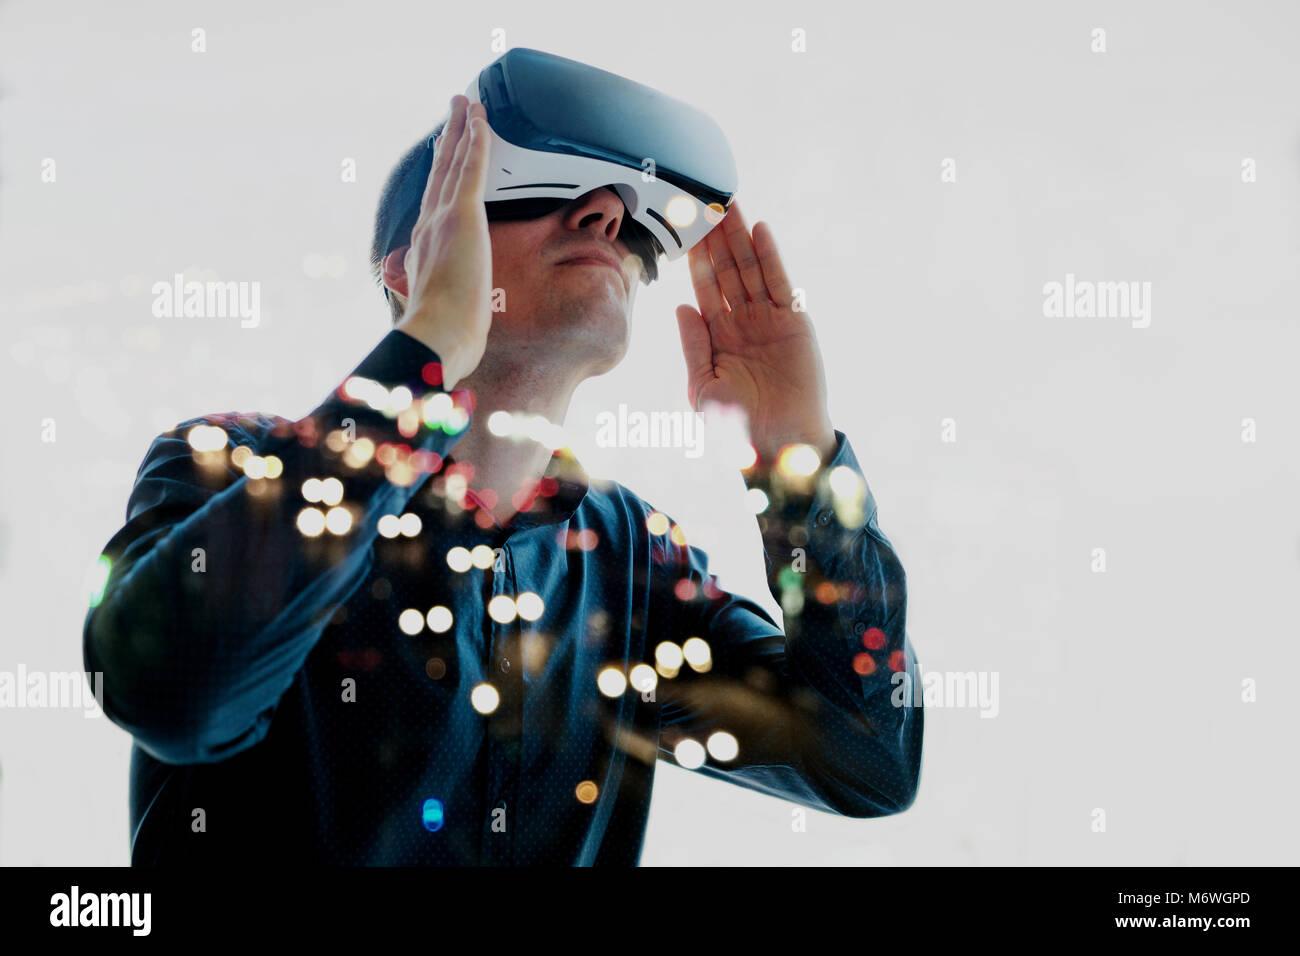 El Hombre con gafas de realidad virtual. La tecnología del futuro concepto. Moderna tecnología de imágenes Imagen De Stock